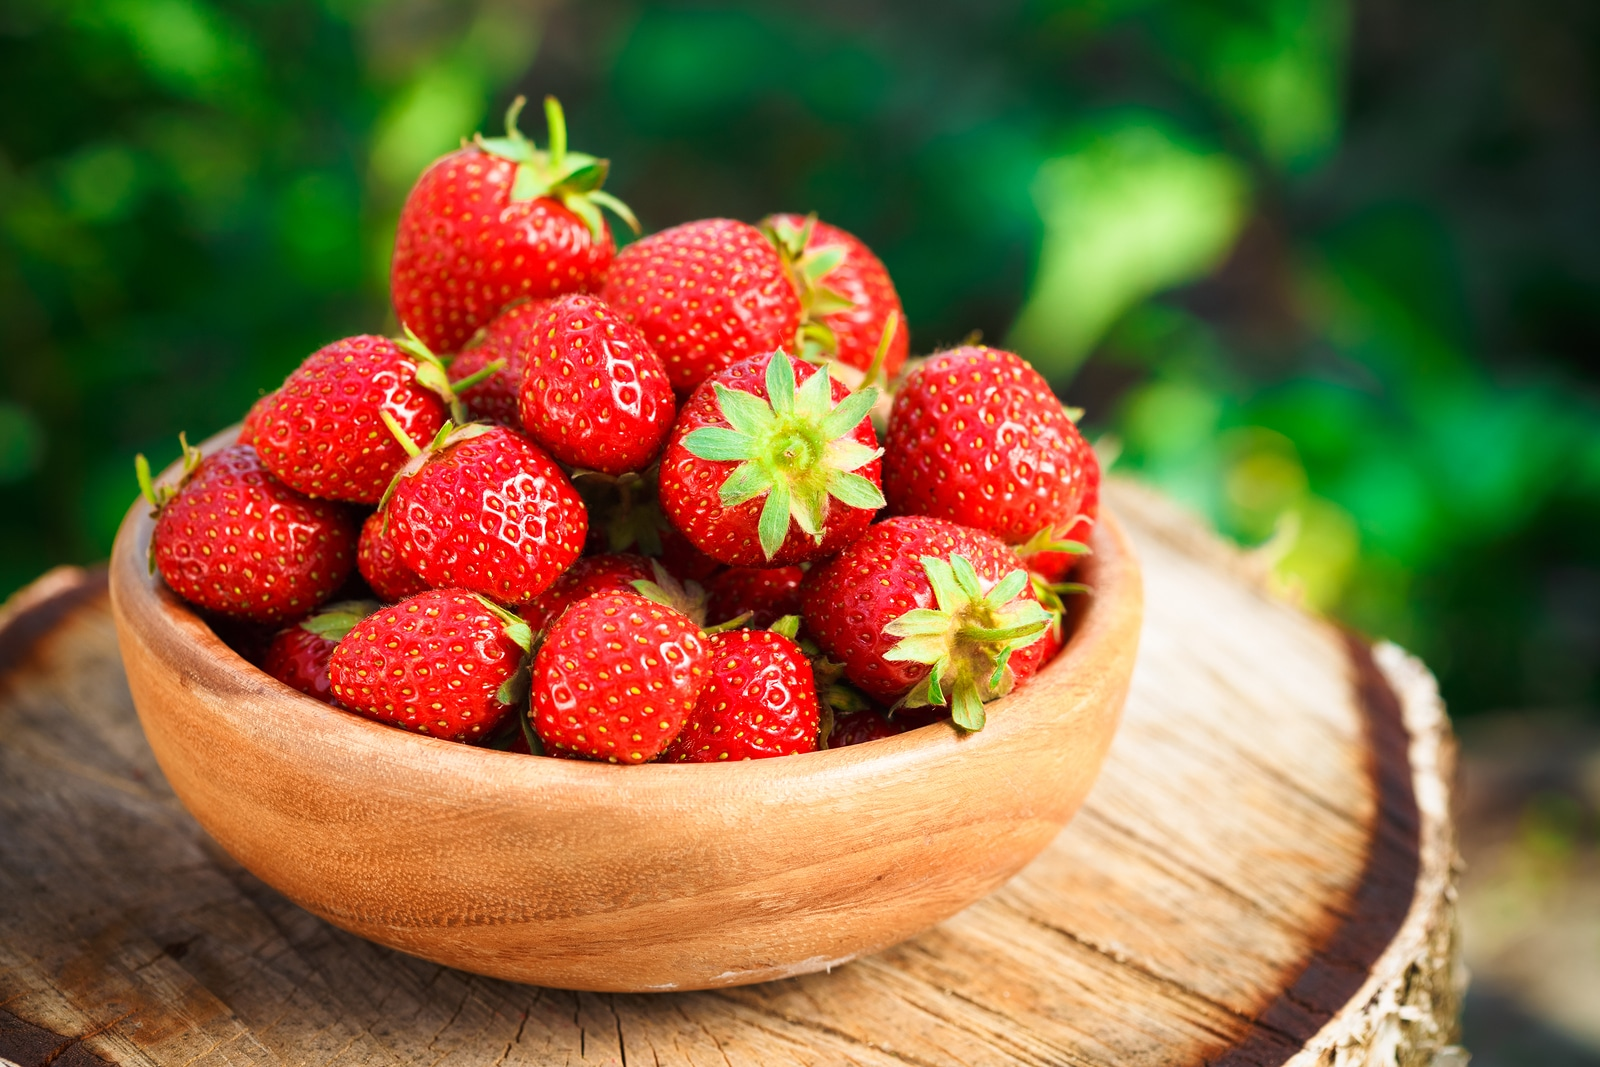 Las fresas ayudan a sanar la gastritis